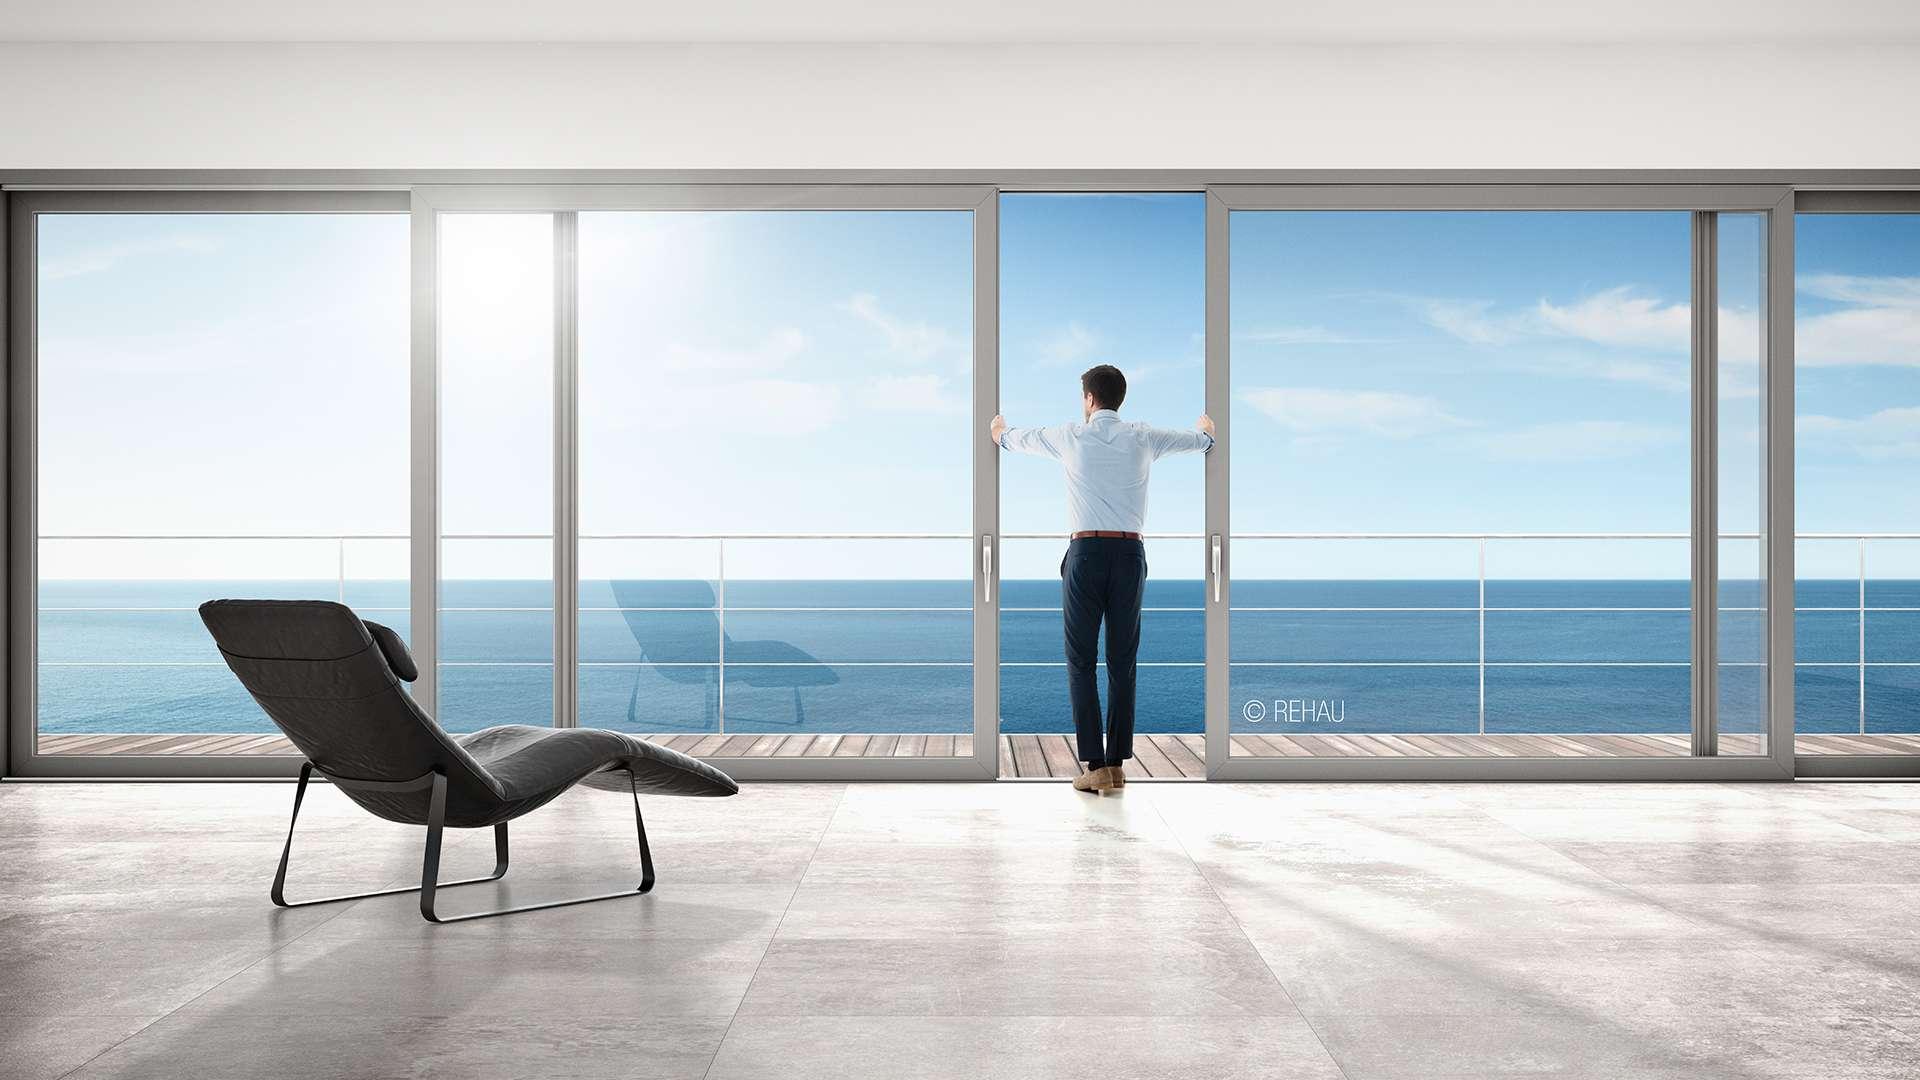 Mann öffnet große Fensterfront mit Balkon